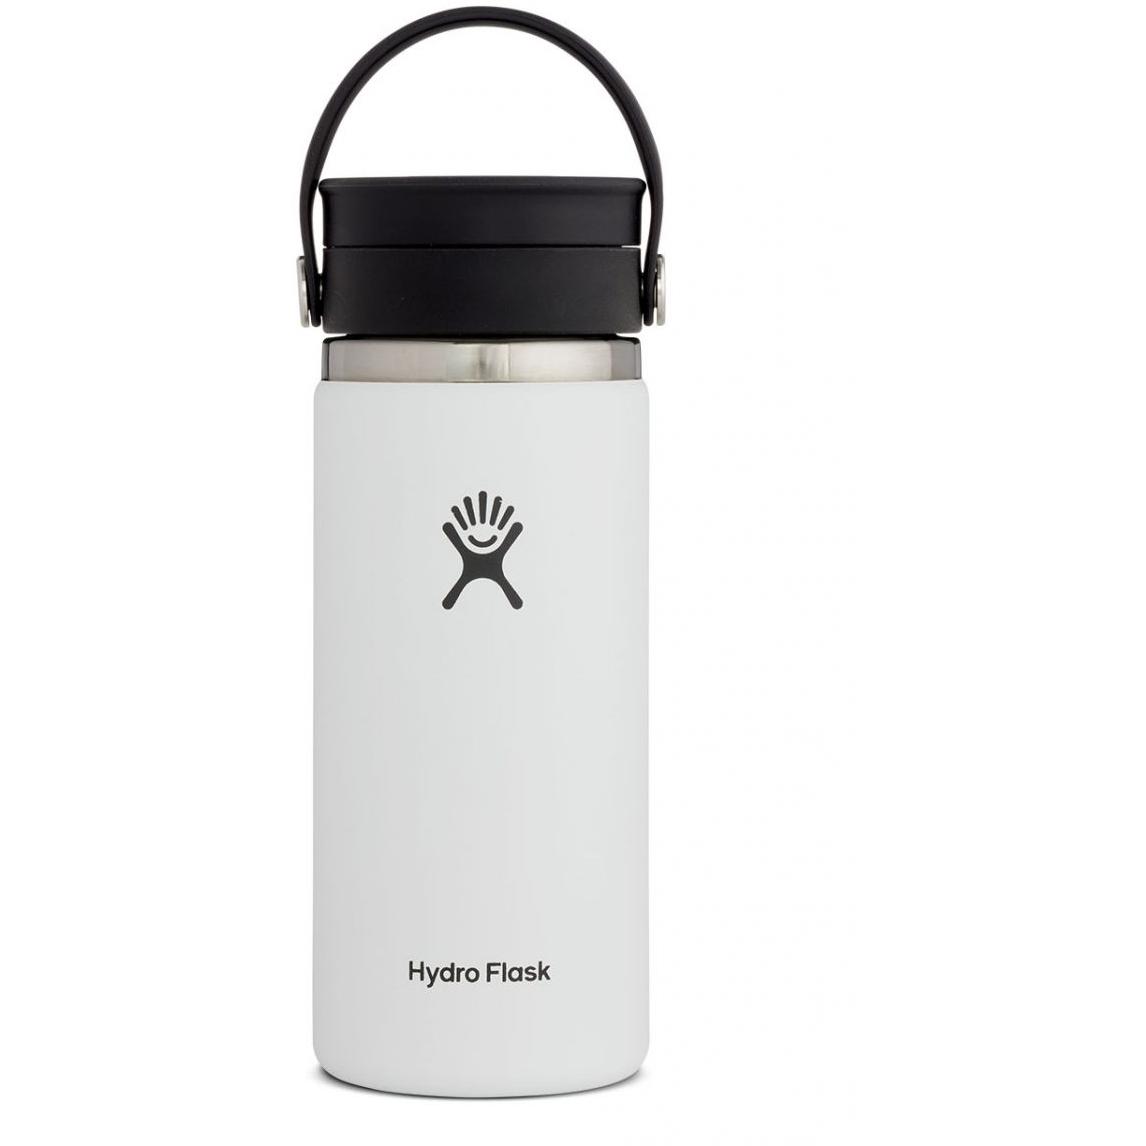 Hydro Flask 16 oz Wide Mouth Coffee Kaffeebecher mit Flex Sip Deckel - 473 ml - White